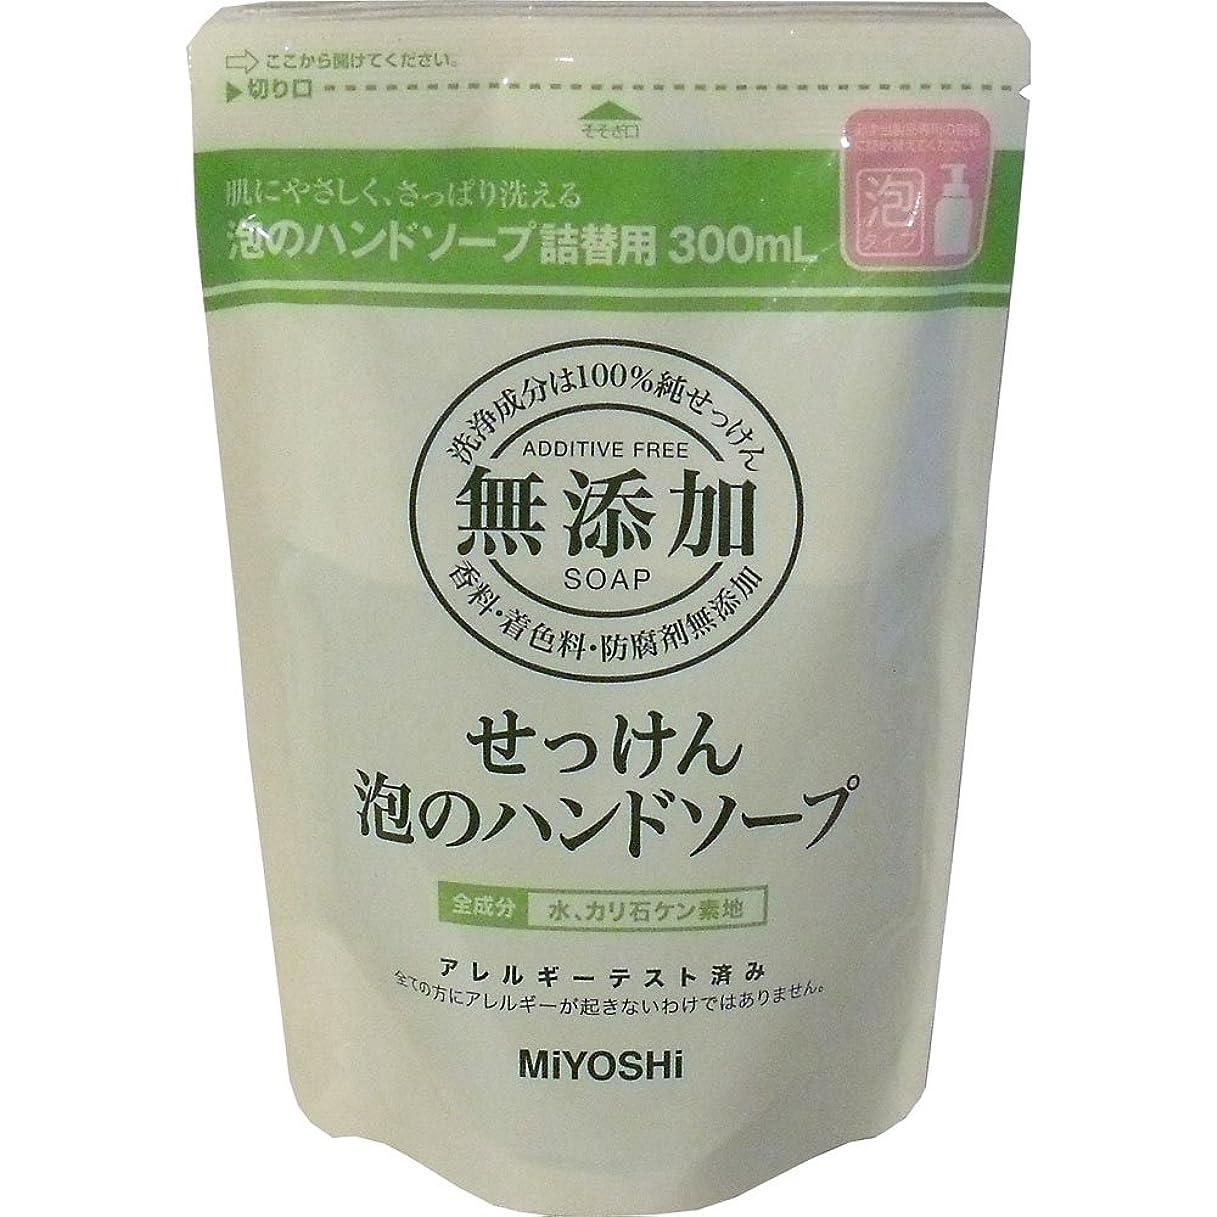 パース犬フリースミヨシ石鹸 無添加せっけん泡ハンドソープ 詰替用300ml×5